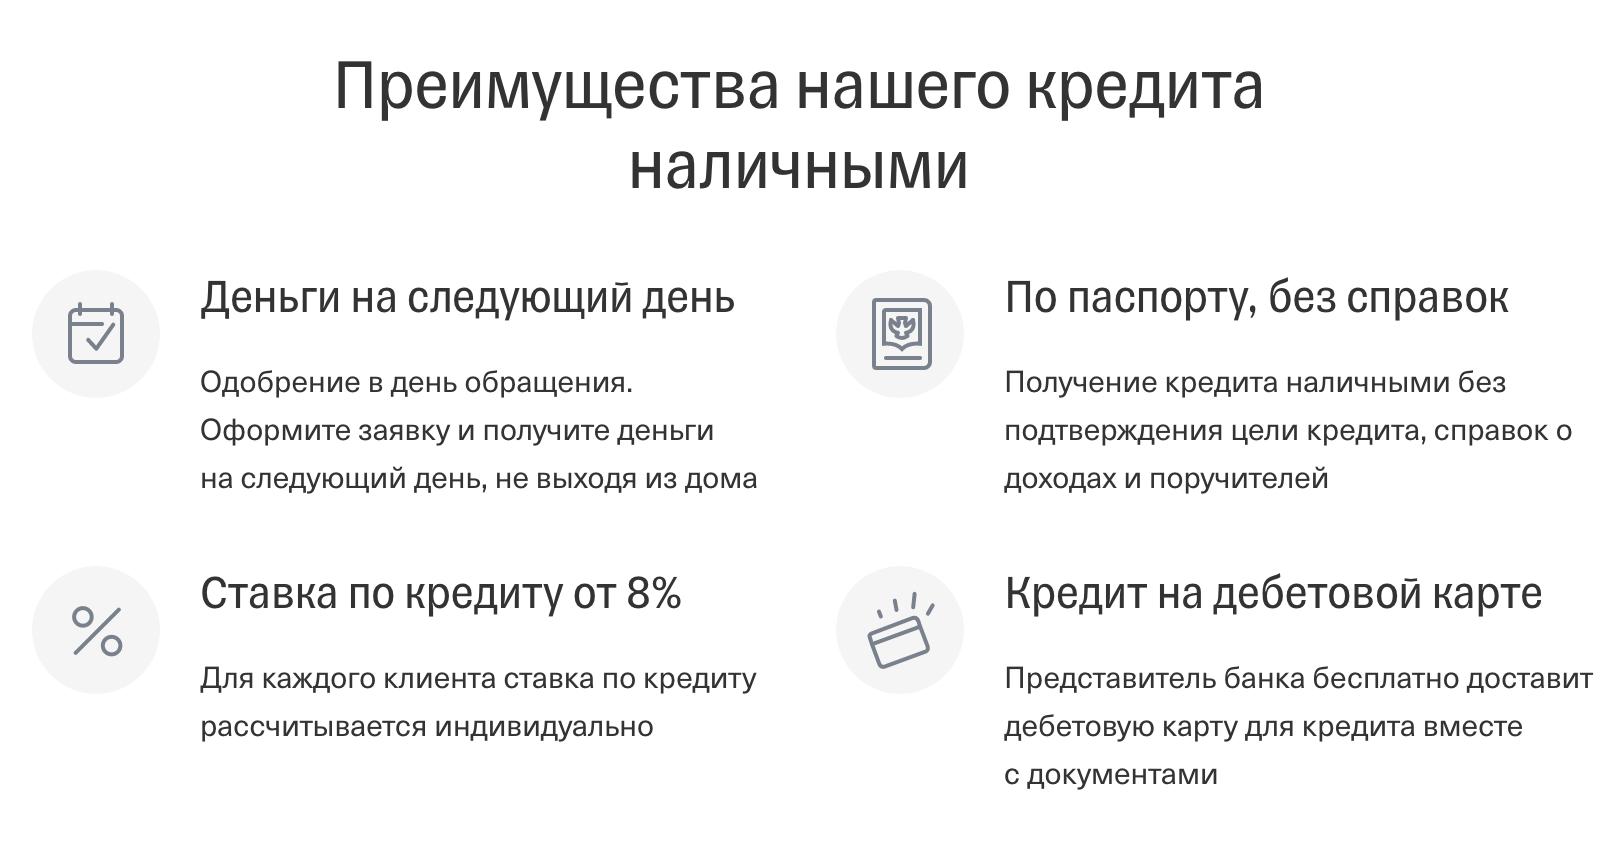 Например, на сайте Тинькофф-банка указано, что кредит наличными может быть выдан по ставке от 8%. Если зайти в подробные тарифы, то реальный диапазон по кредиту — от 8 до 25,9%